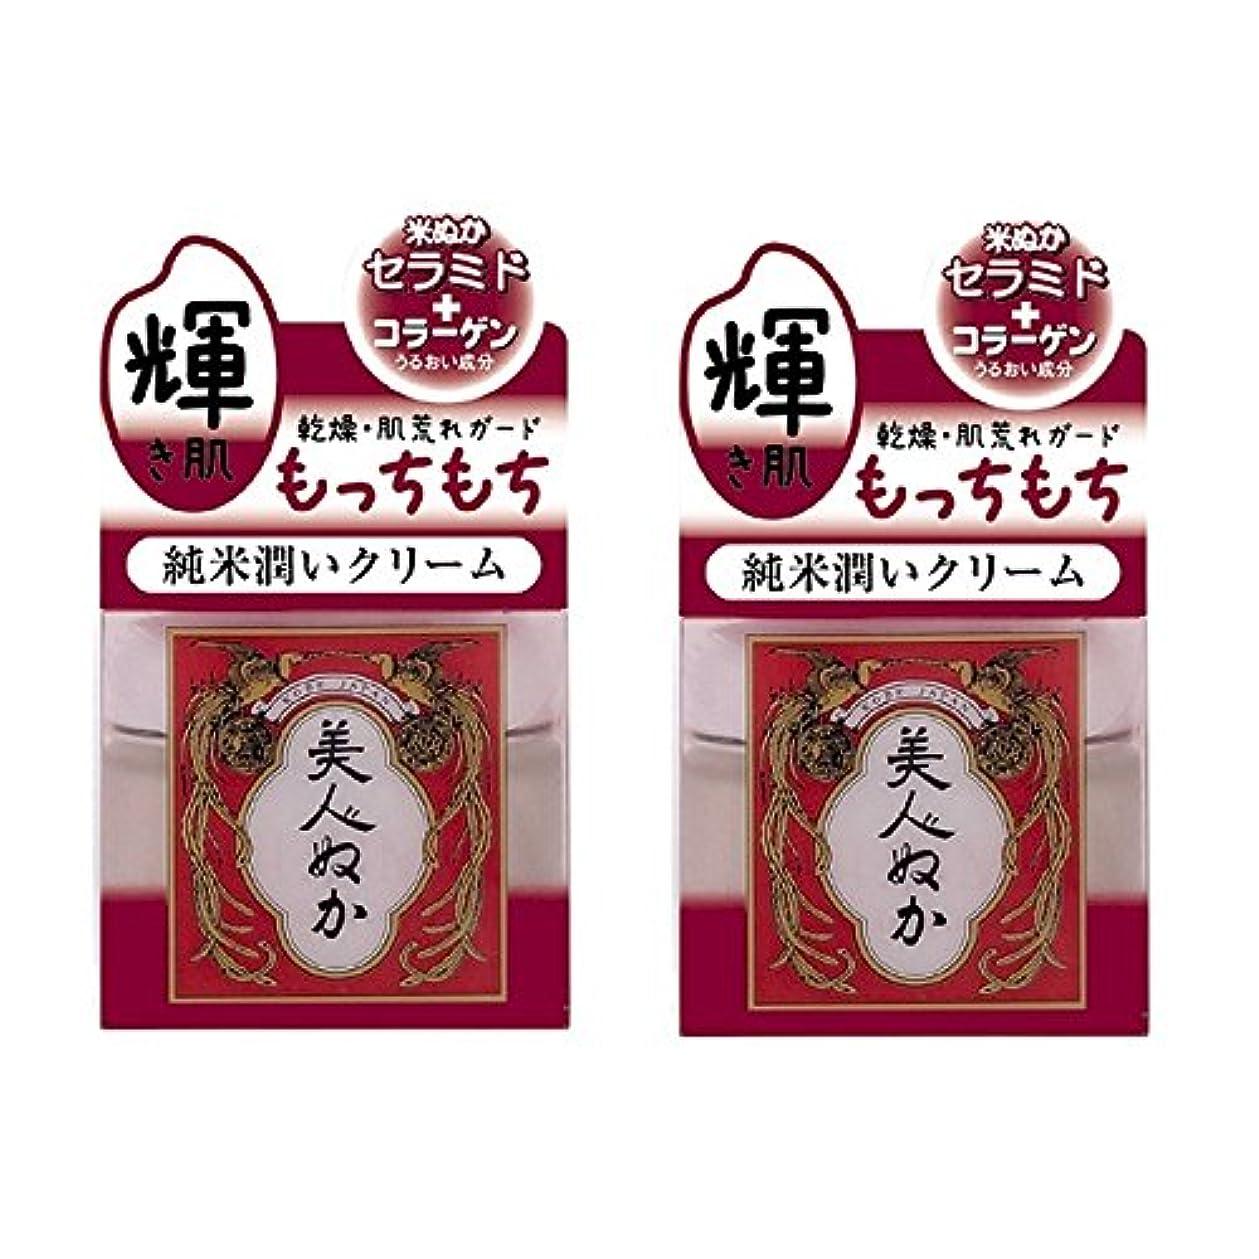 注入実現可能オプション美人ぬか 純米潤いクリーム 43g×2セット